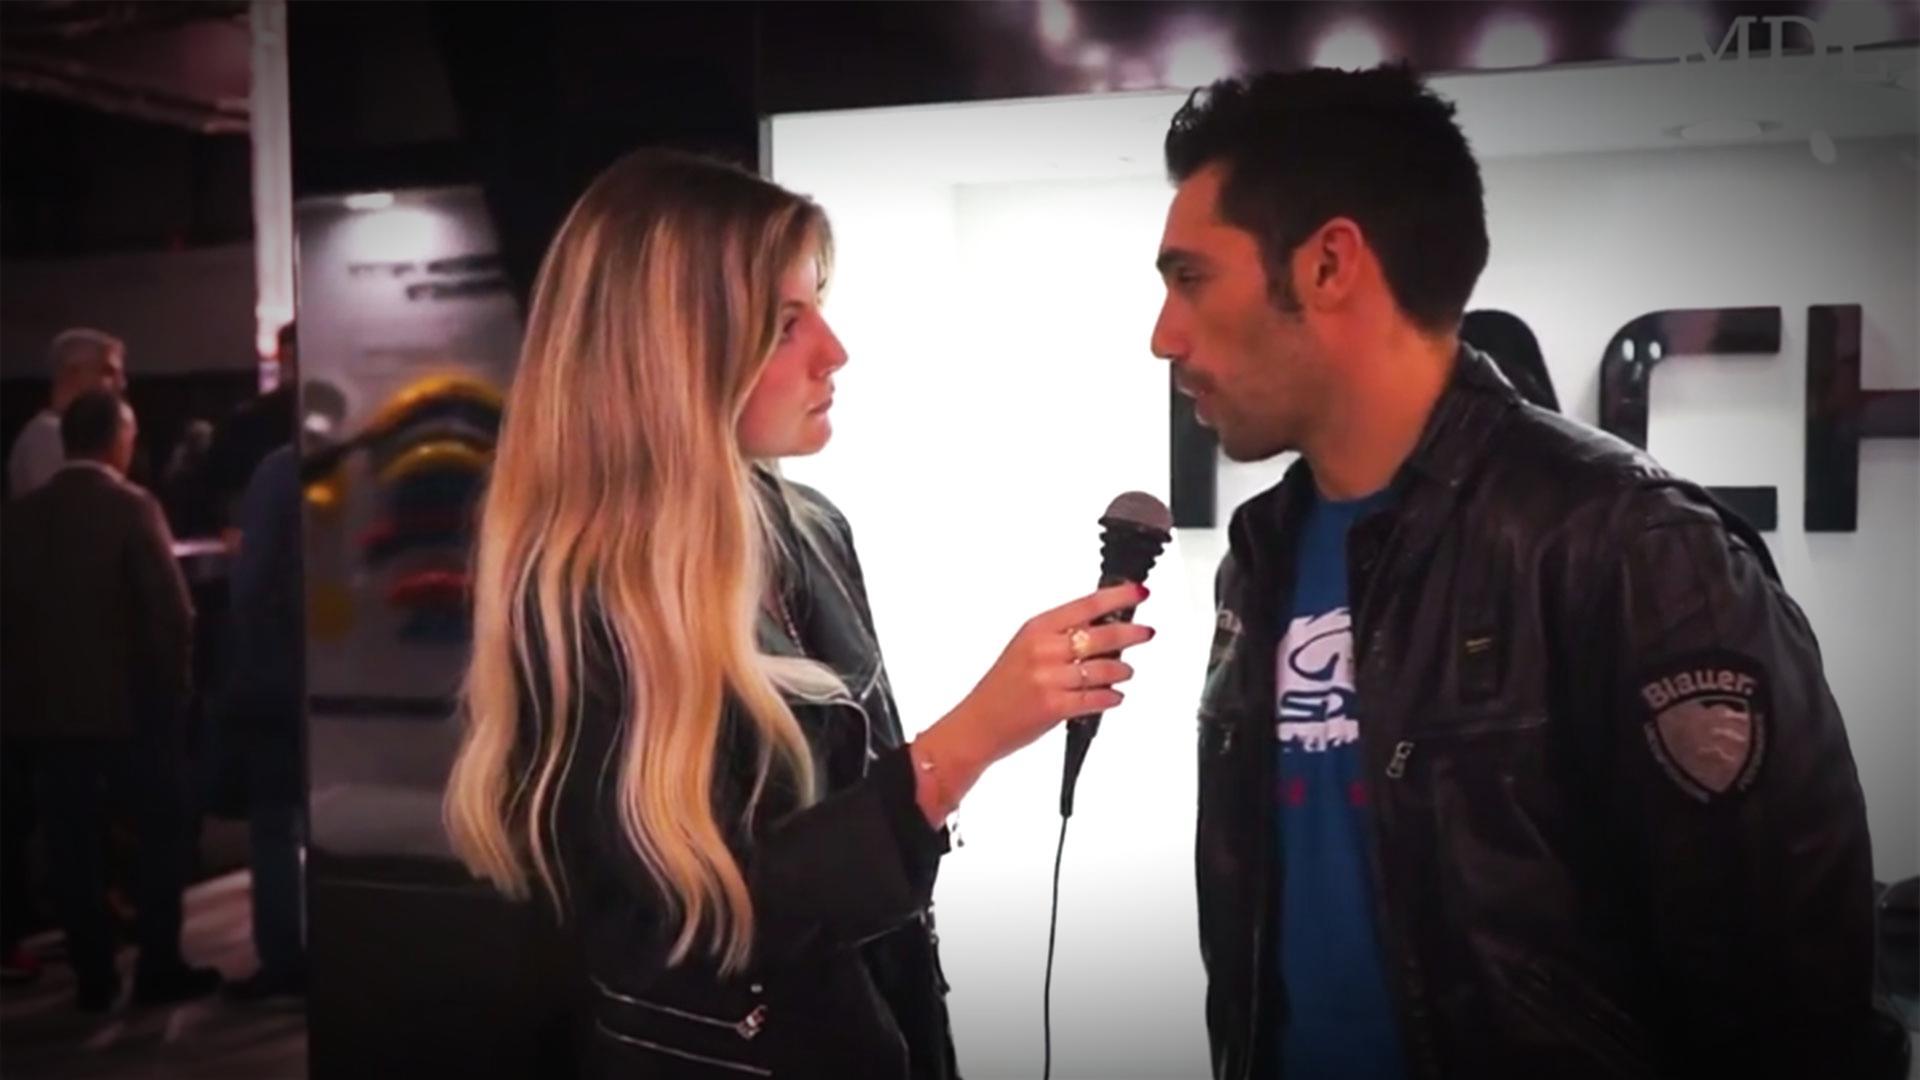 michele-pirro-intervista-blauer-ht-eicma-2018